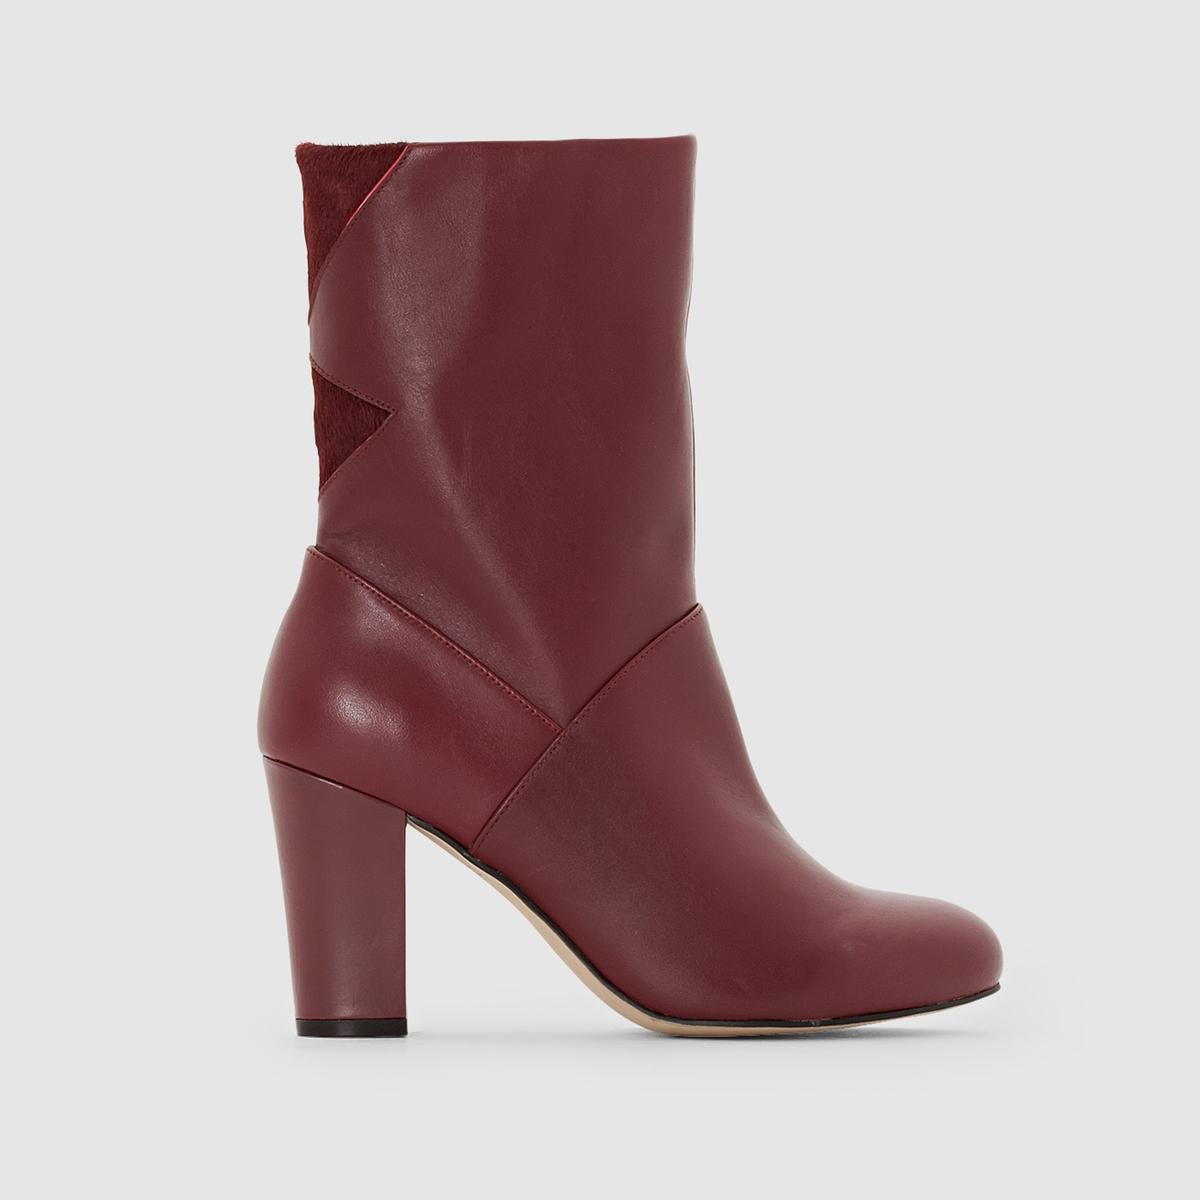 Сапоги кожаныеПреимущества :  сапоги на высоком каблуке из очень красивой кожи со вставками под замшу сзади никогда вас не разочаруют, независимо от вашего наряда<br><br>Цвет: бордовый,черный<br>Размер: 36.39.36